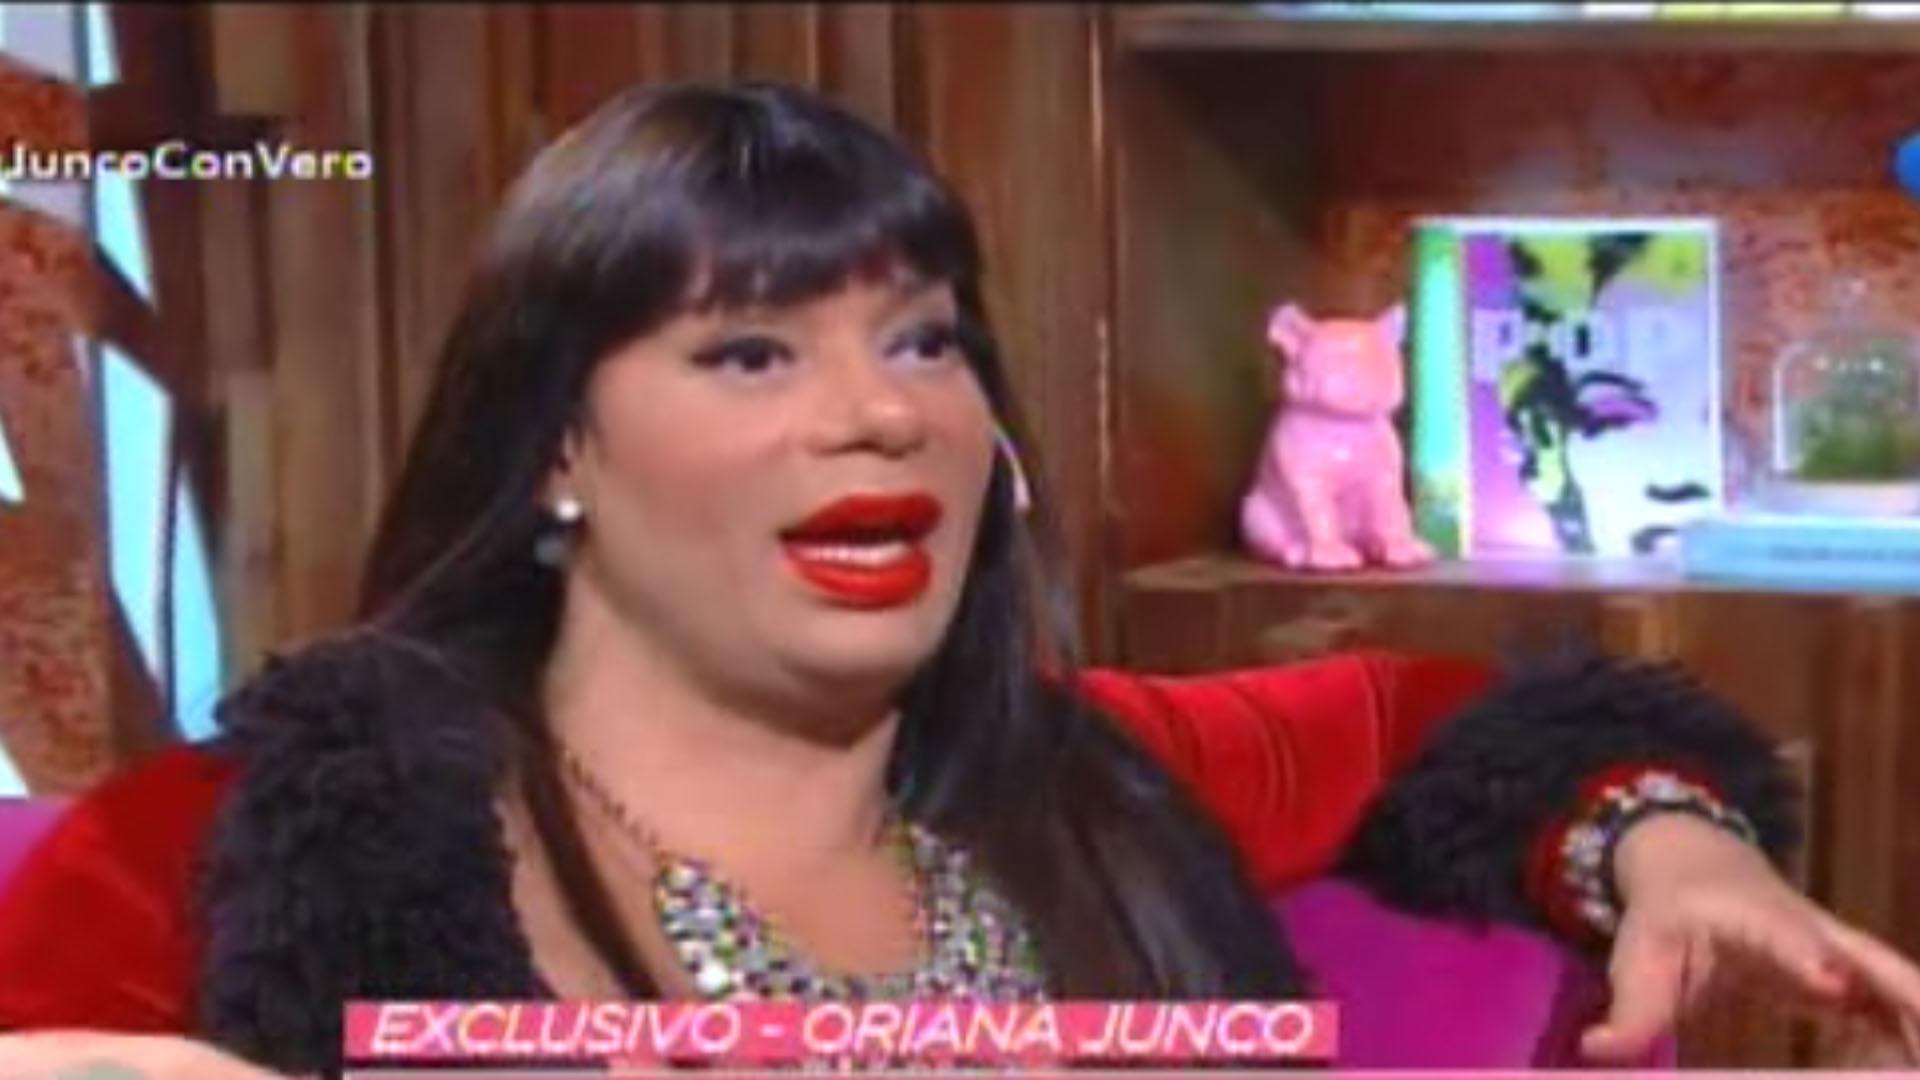 """Oriana Junco pagó una fianza de 10 mil pesos y recuperó la libertad, luego de estar detenida 23 días. """"La Policía me cag… a trompadas"""", dijo en una entrevista con """"Cortá por Lozano"""""""